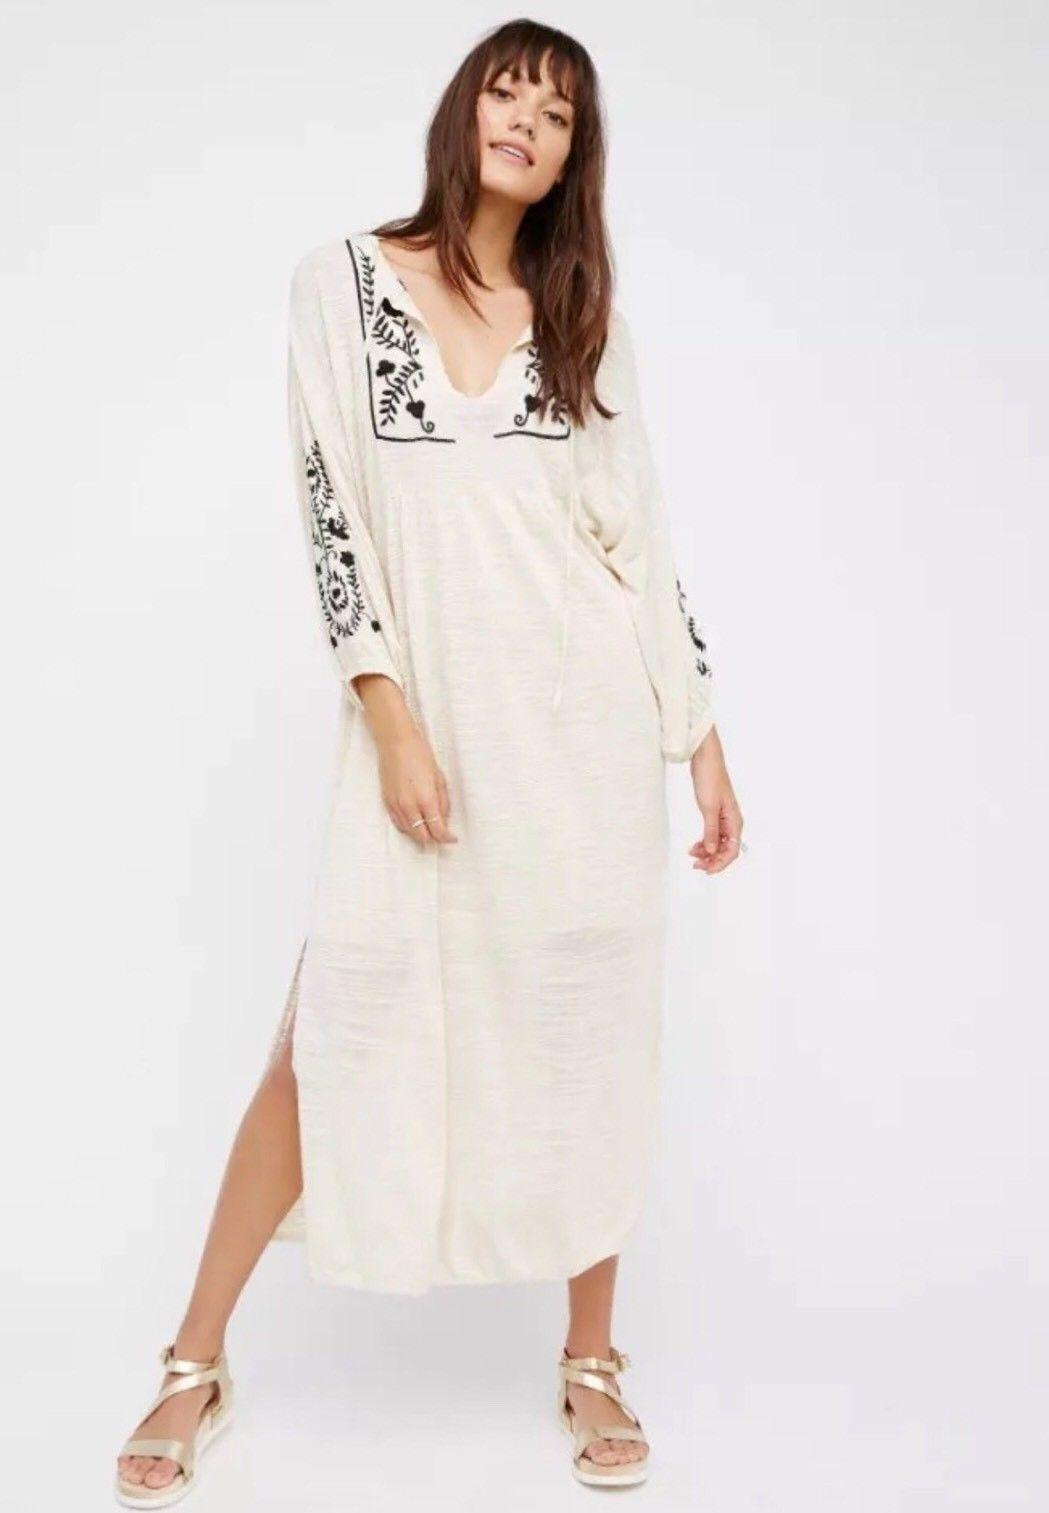 NEW Free People Ivory schwarz Embroiderot Boho Sweet Harvest Maxi Dress M